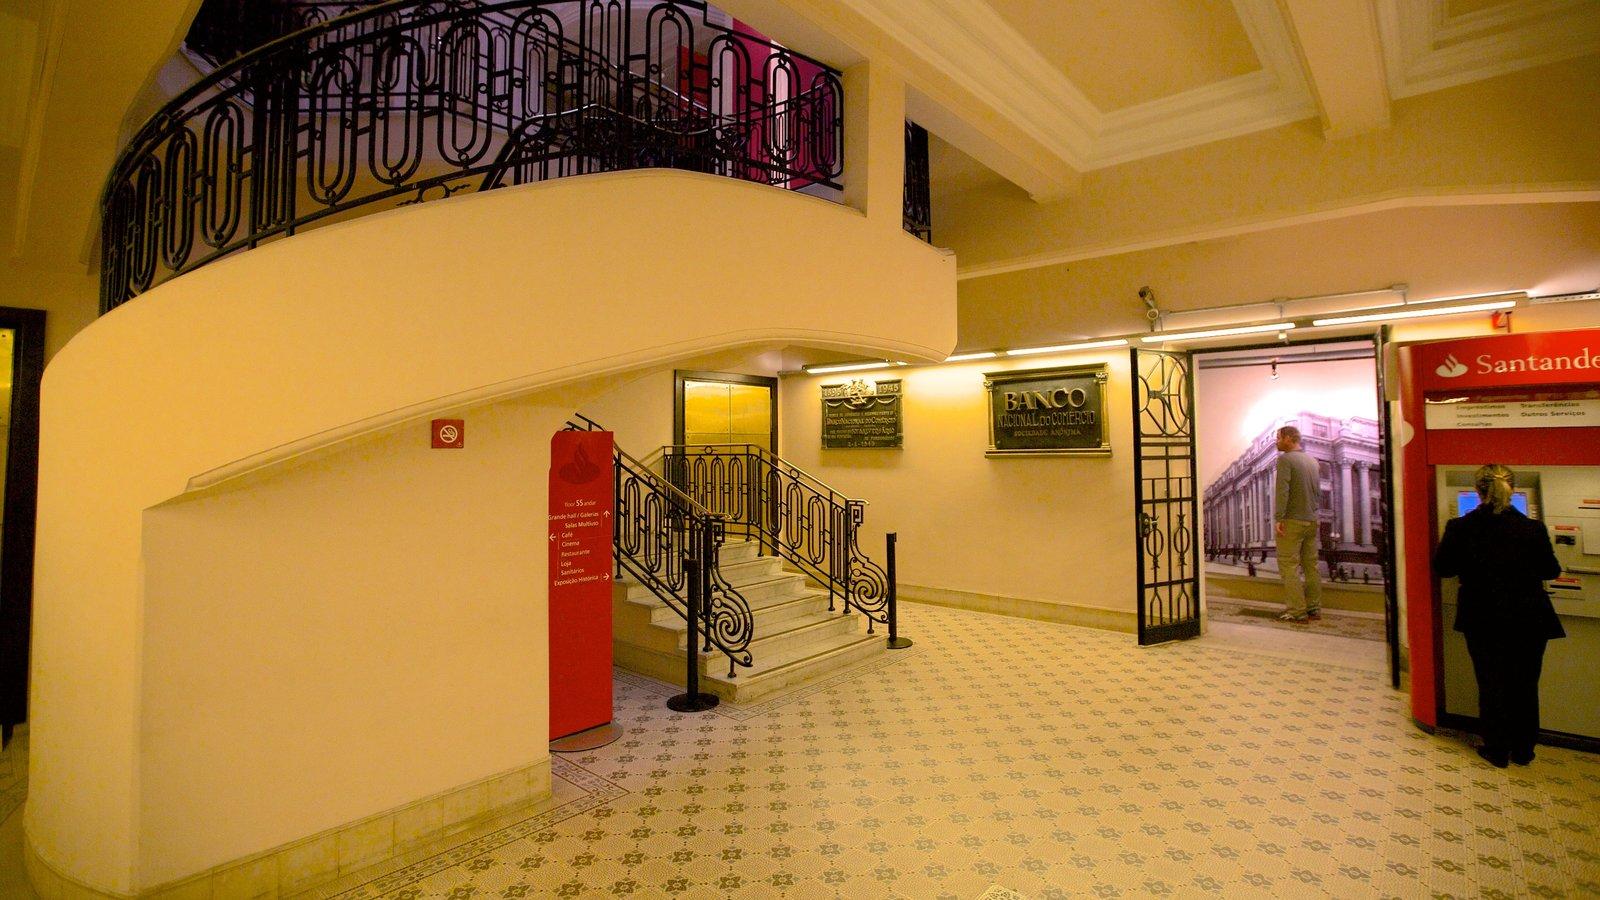 Santander Cultural caracterizando vistas internas